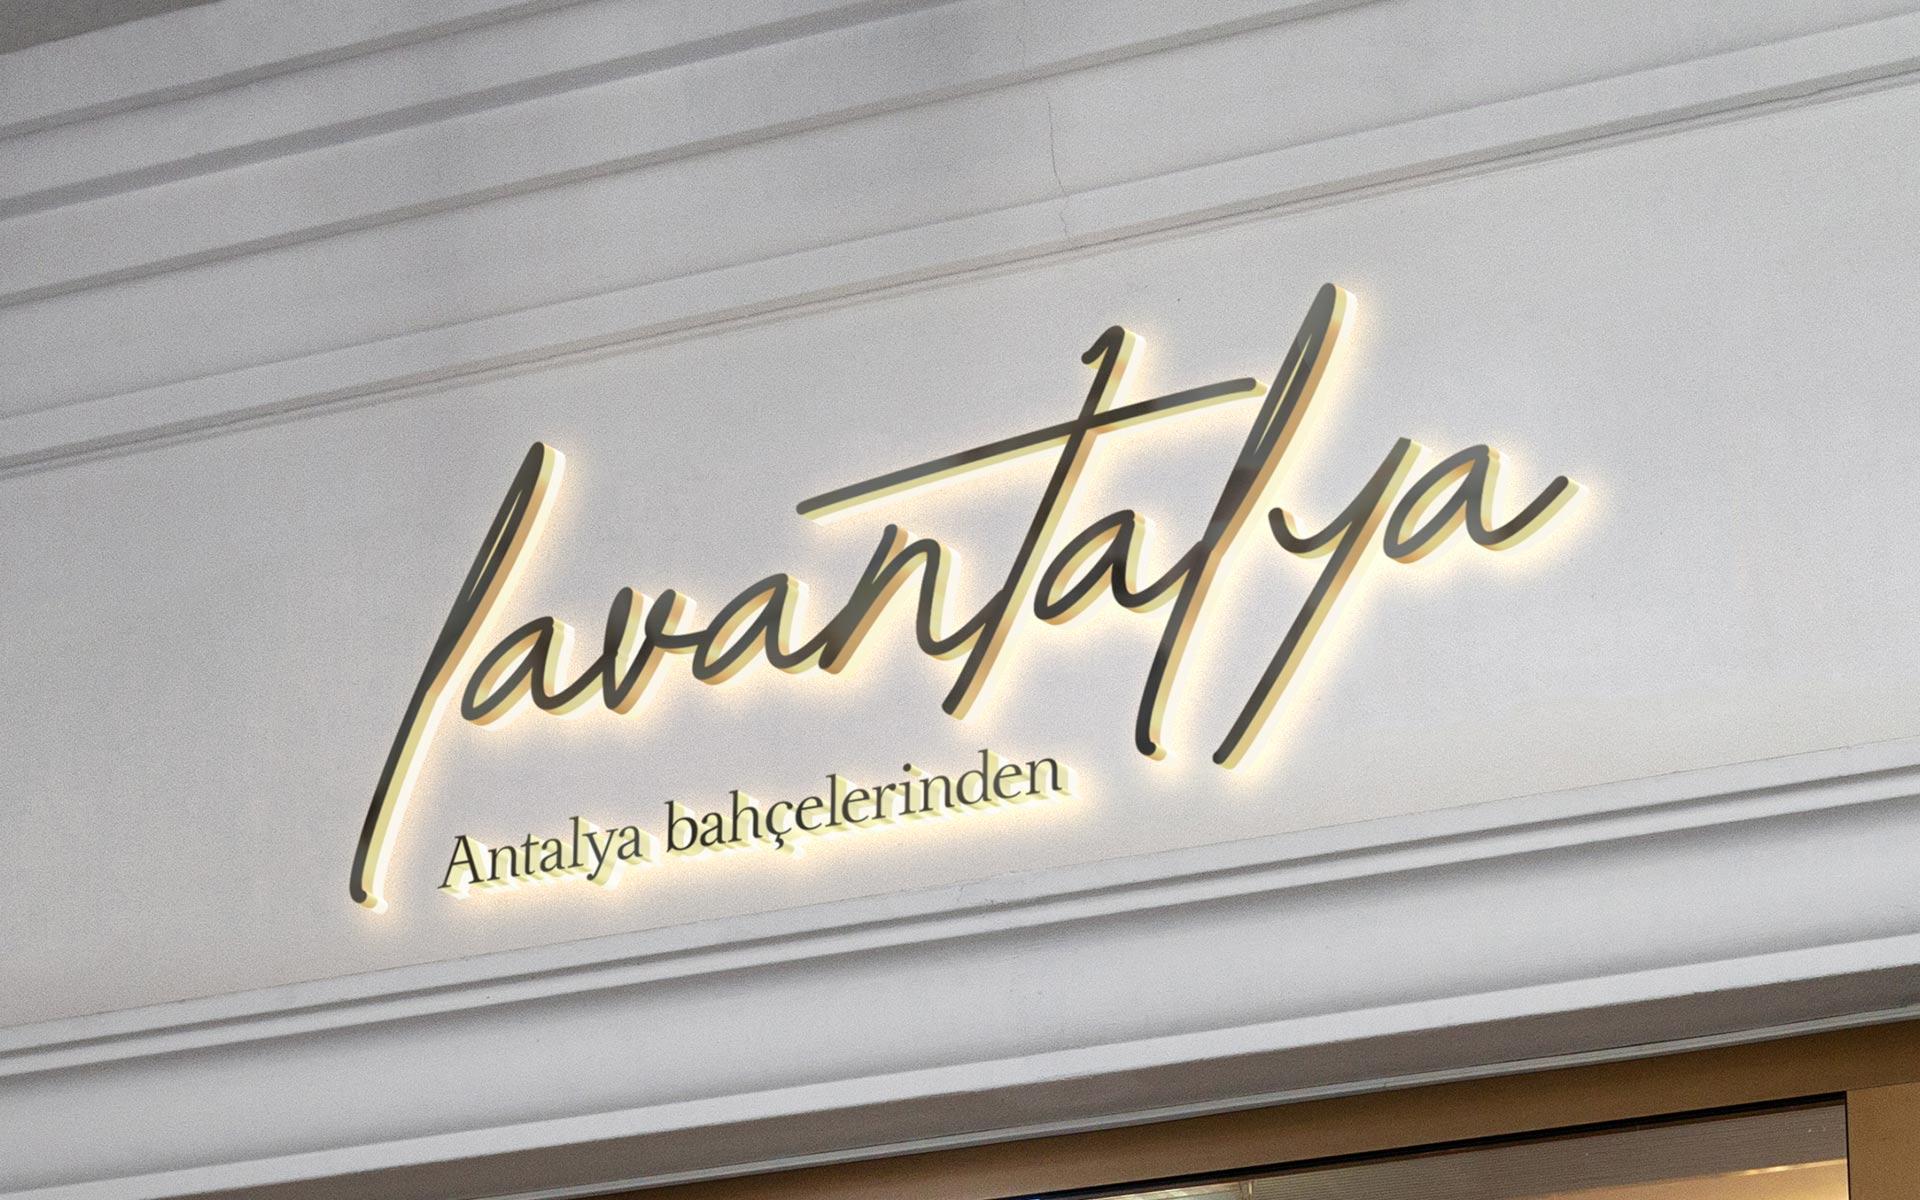 lavantalya_slider_slide1-2